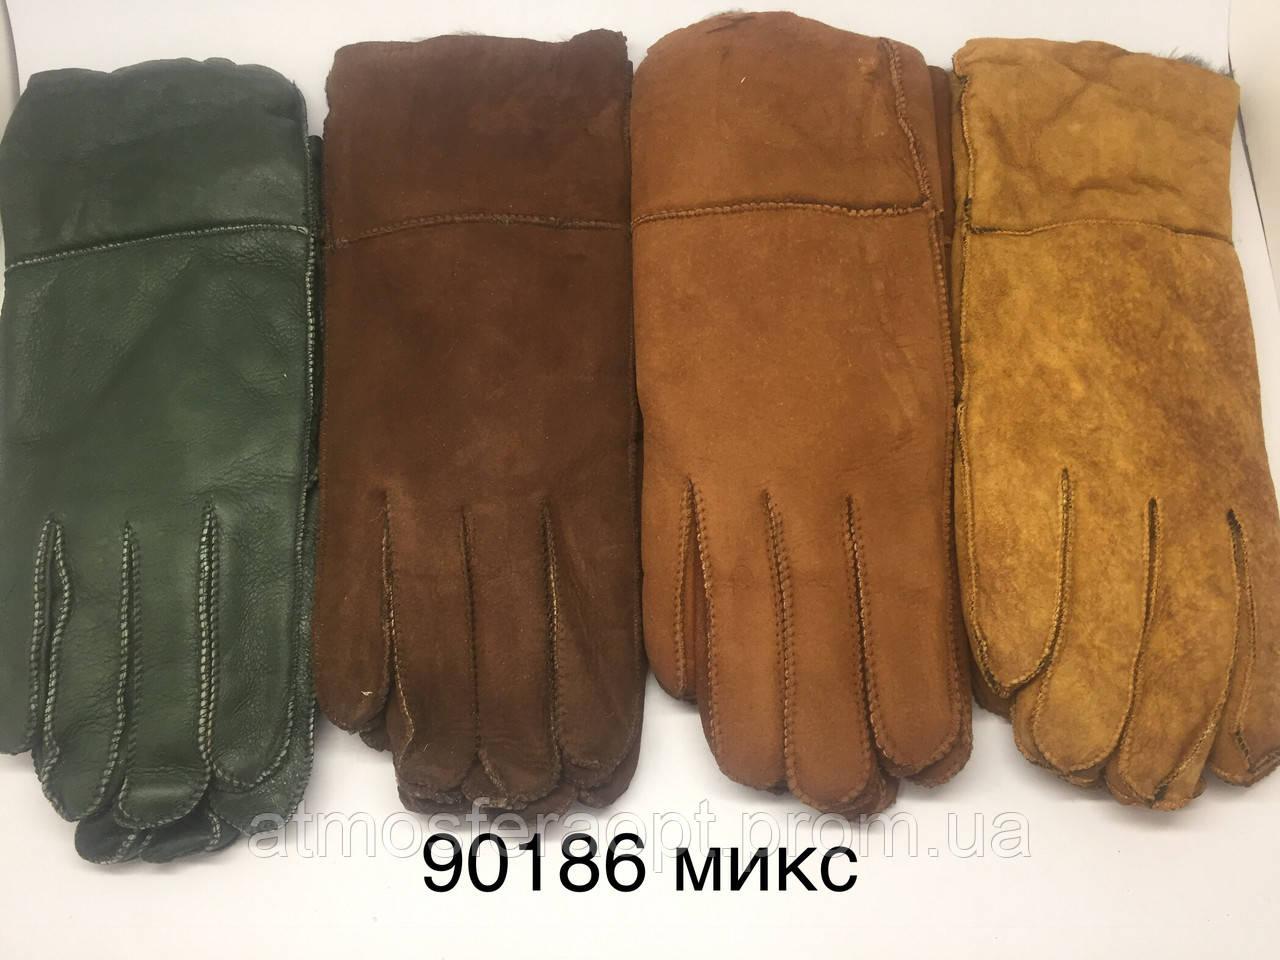 52d18fa1f43c Женские перчатки,натуральная кожа/дубленка, самые теплые, цена 184 грн., купить  Киев — Prom.ua (ID#803614572)